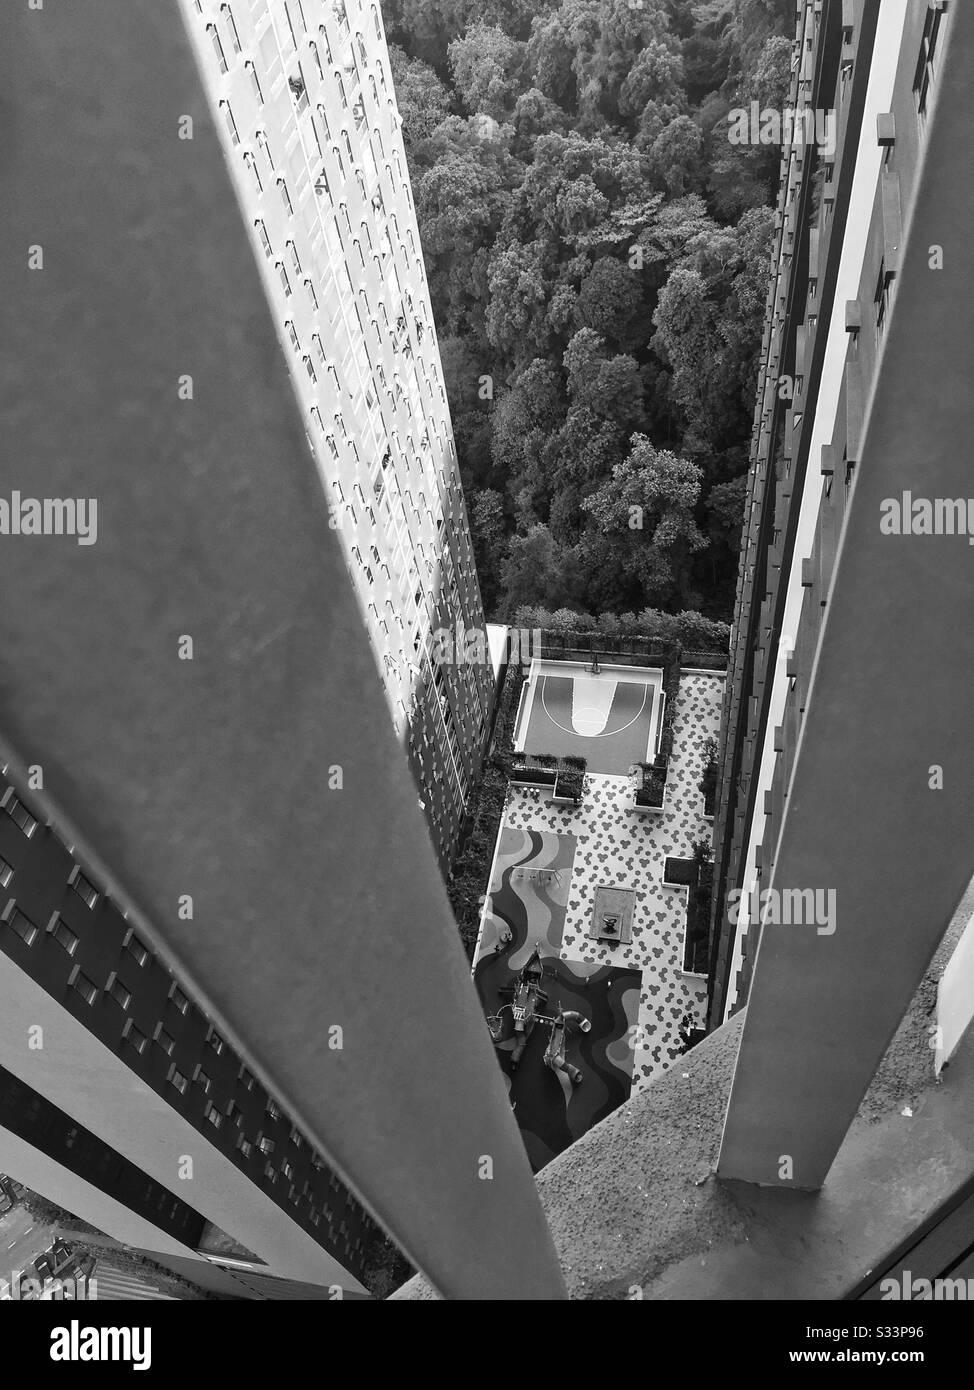 Vista de la cancha de baloncesto desde la azotea de un edificio alto. Foto de stock